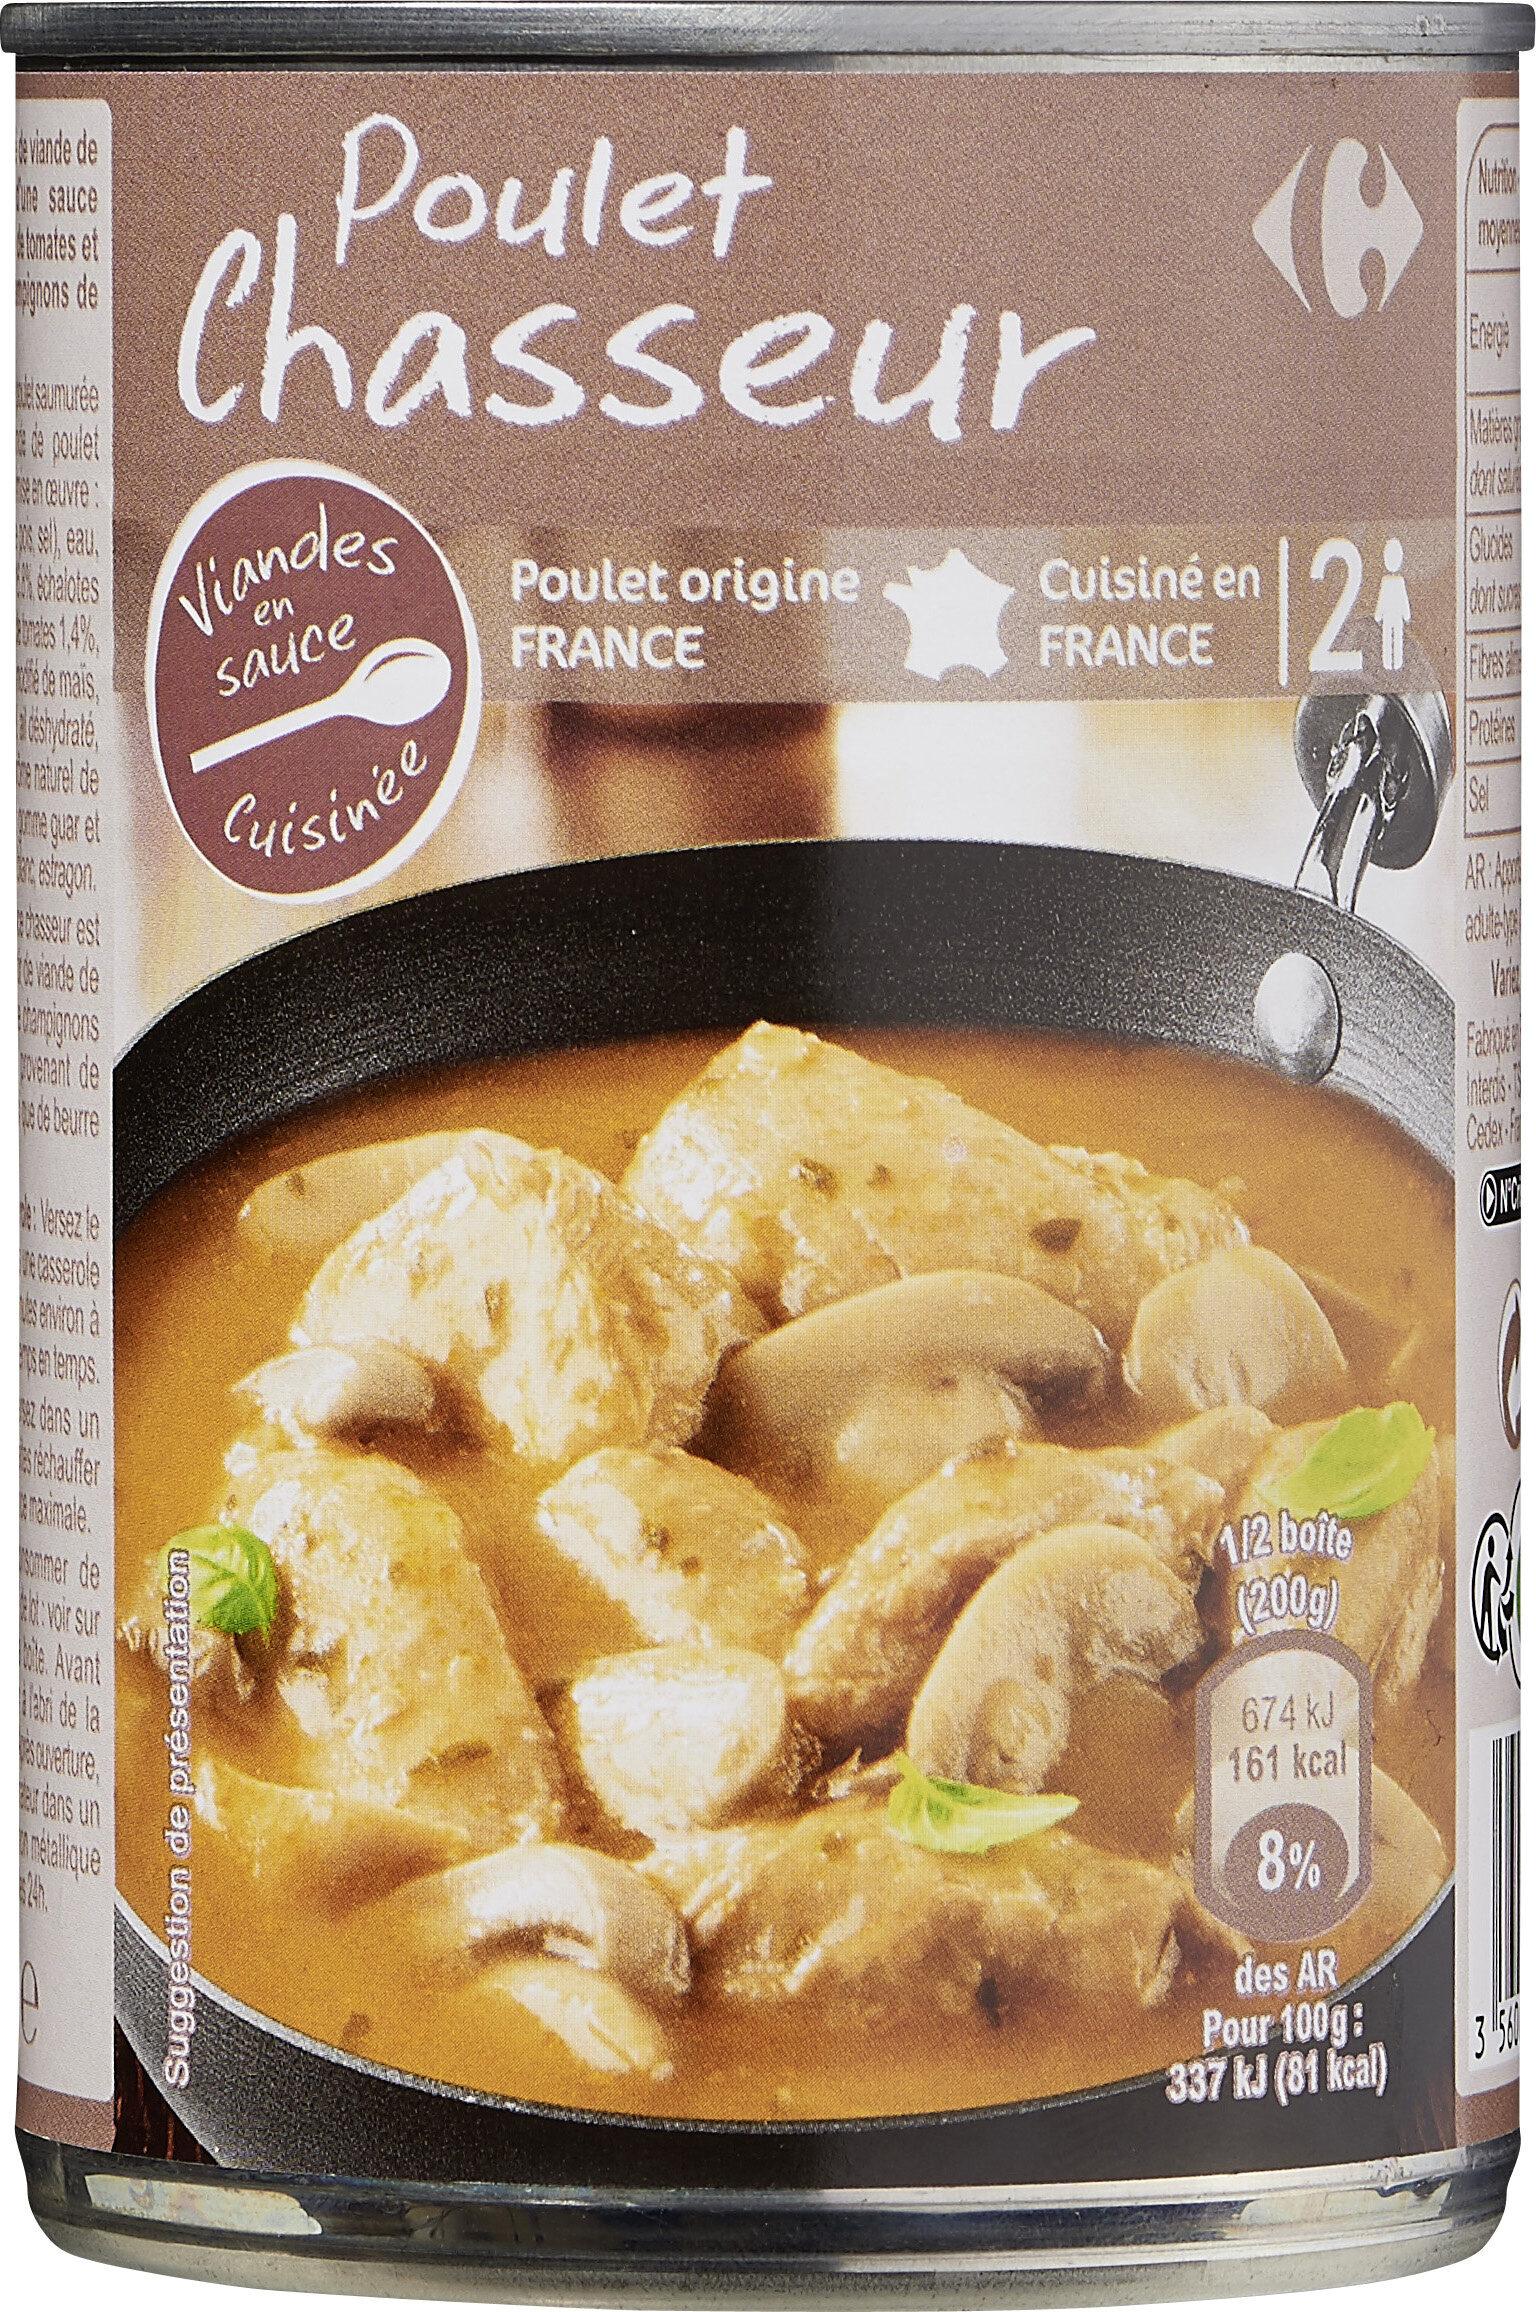 Poulet chasseur - Produit - fr